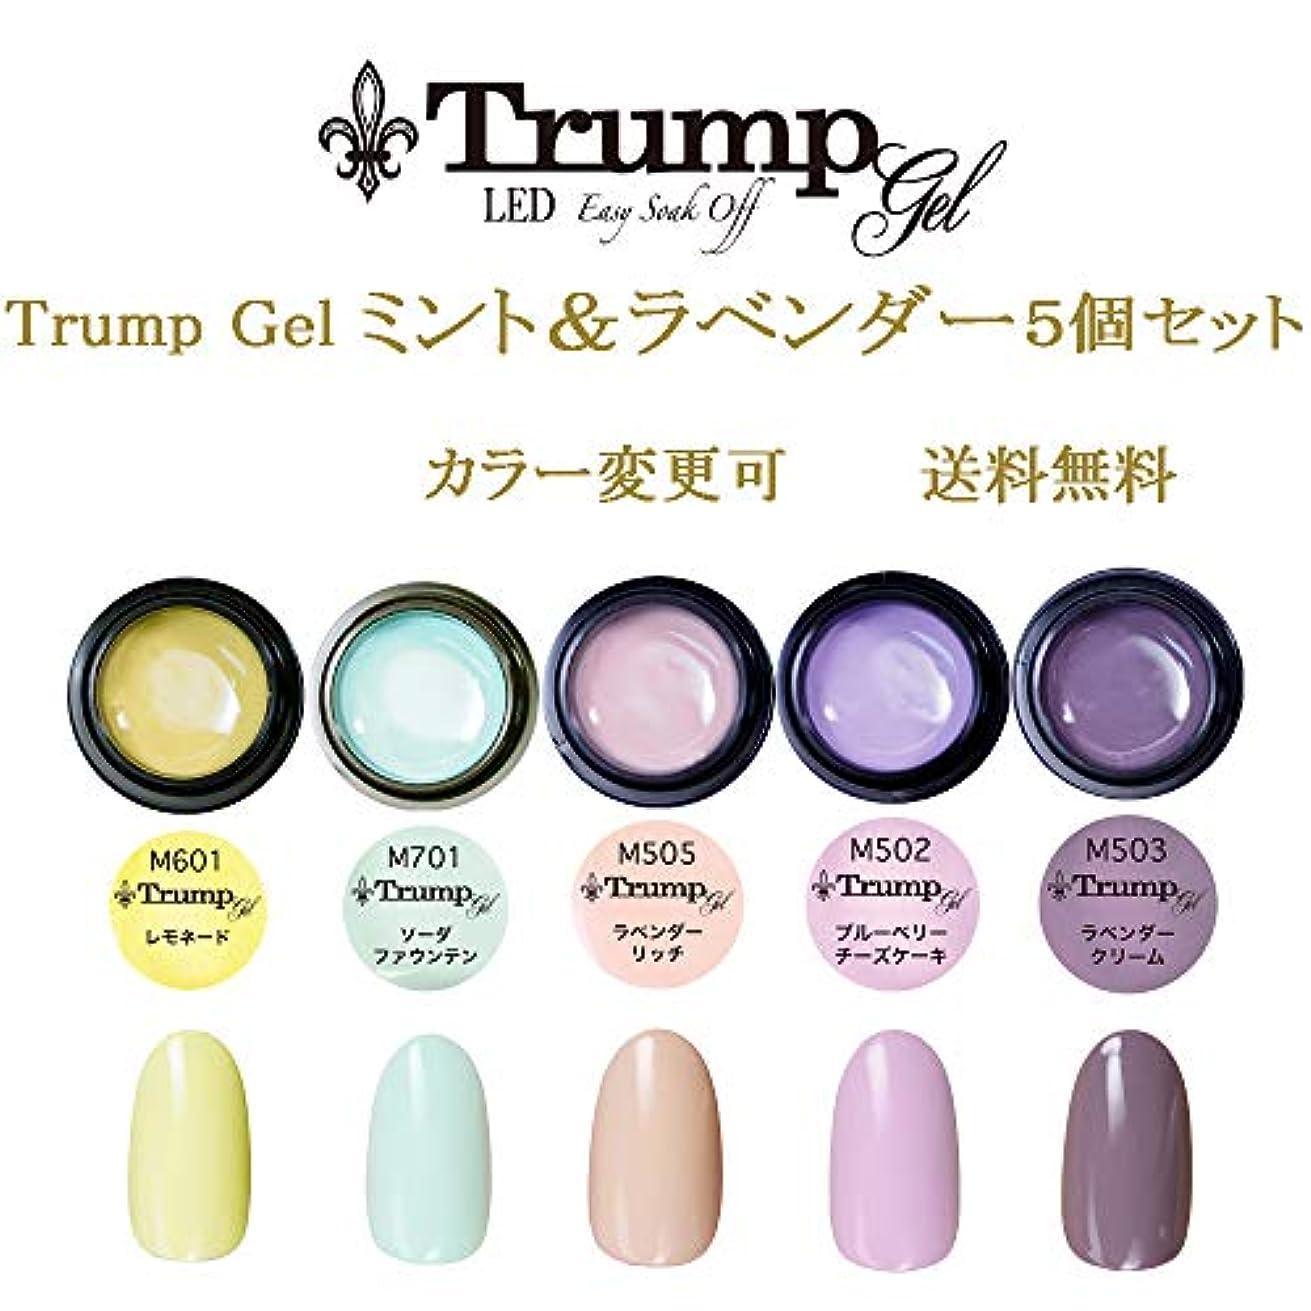 救急車どちらか宮殿【送料無料】日本製 Trump gel トランプジェル ミント&ラベンダー 選べる カラージェル 5個セット ラベンダー ベージュ ミントカラー